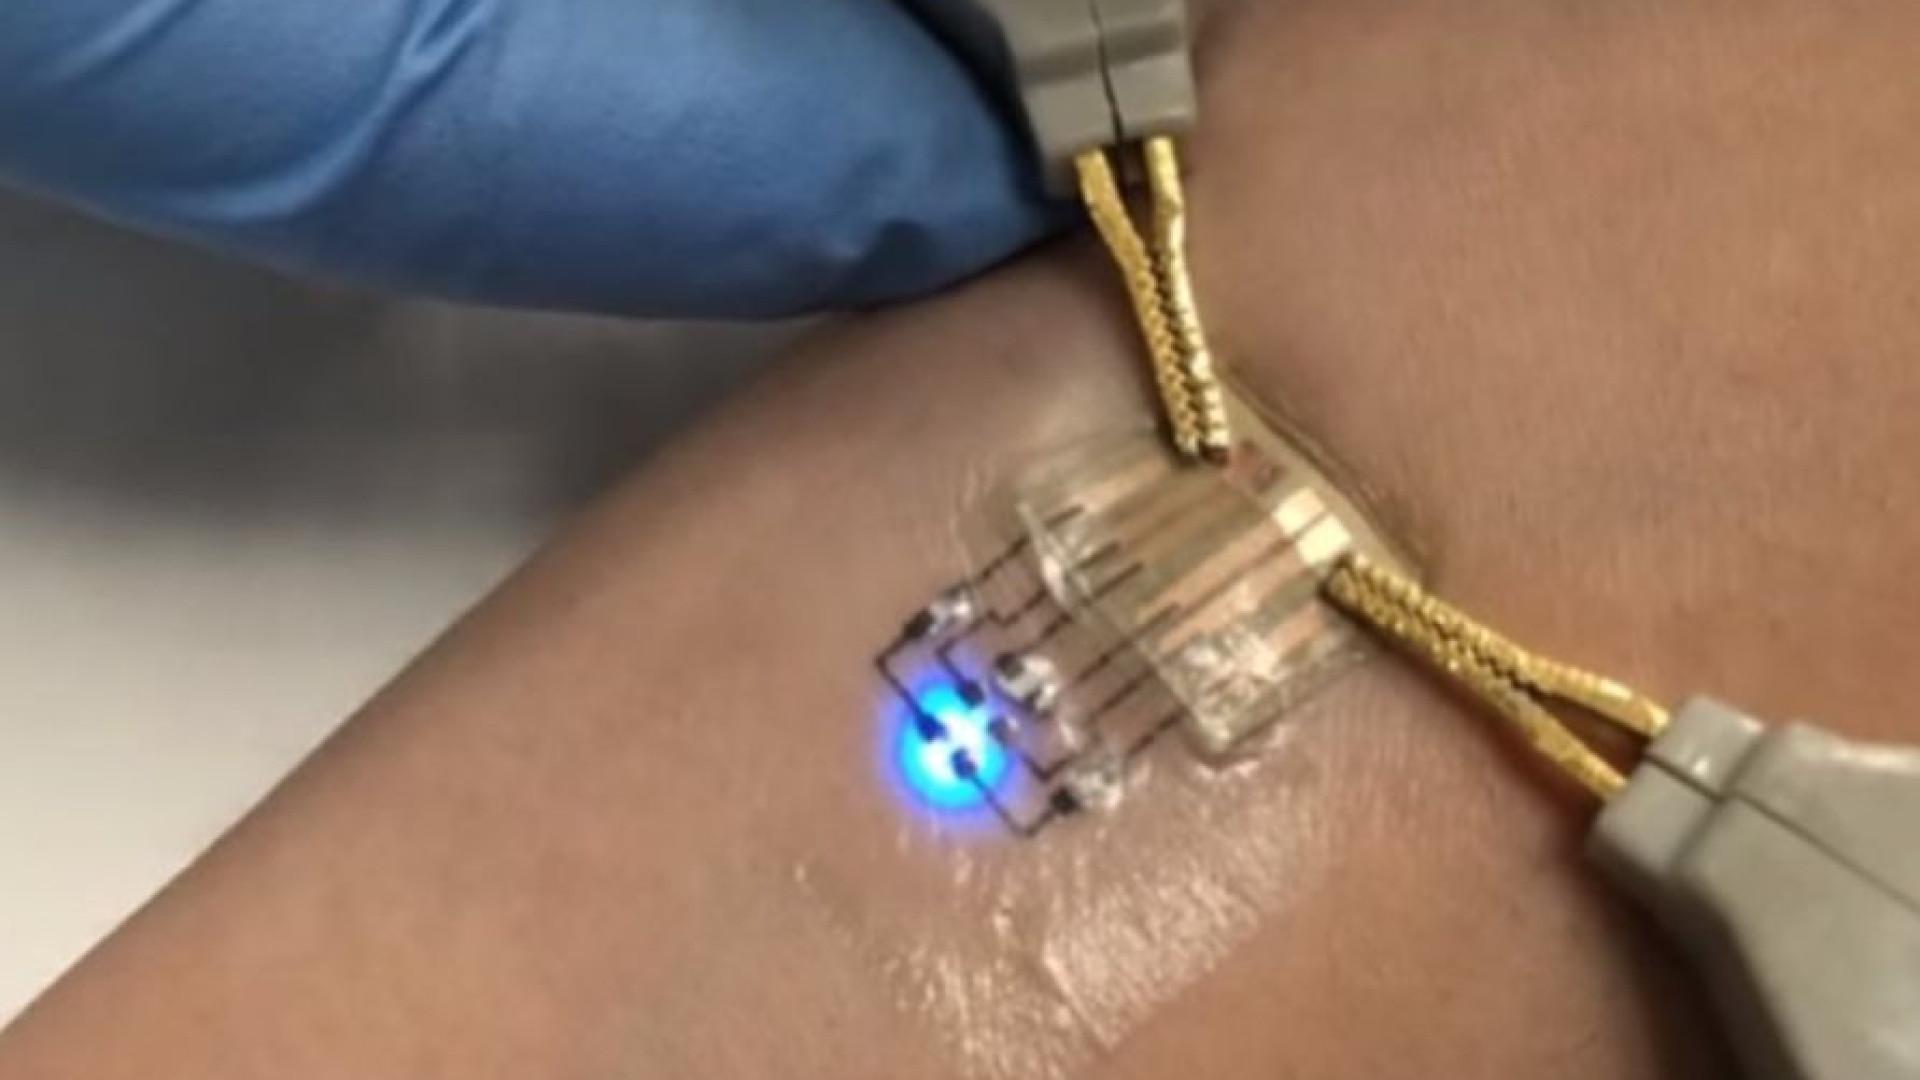 Novo método produz tatuagens eletrónicas de forma simples e a baixo custo